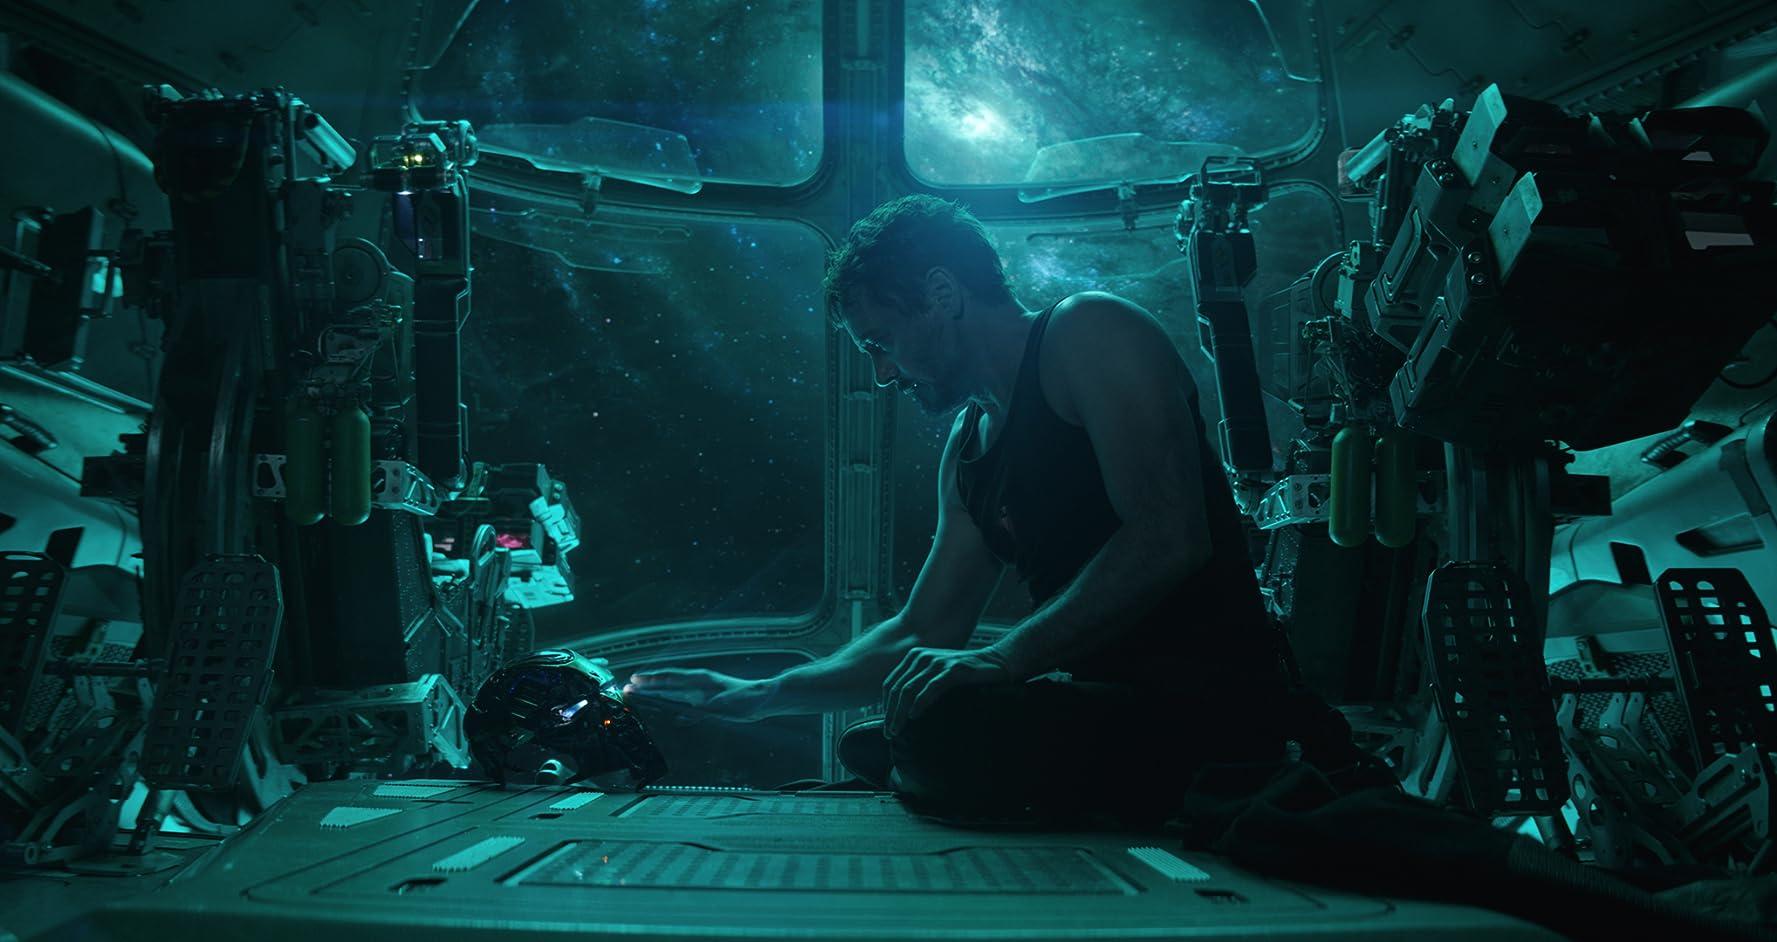 Robert Downey Jr. in Avengers: Endgame (2019). Photo by null - © Marvel Studios 2019